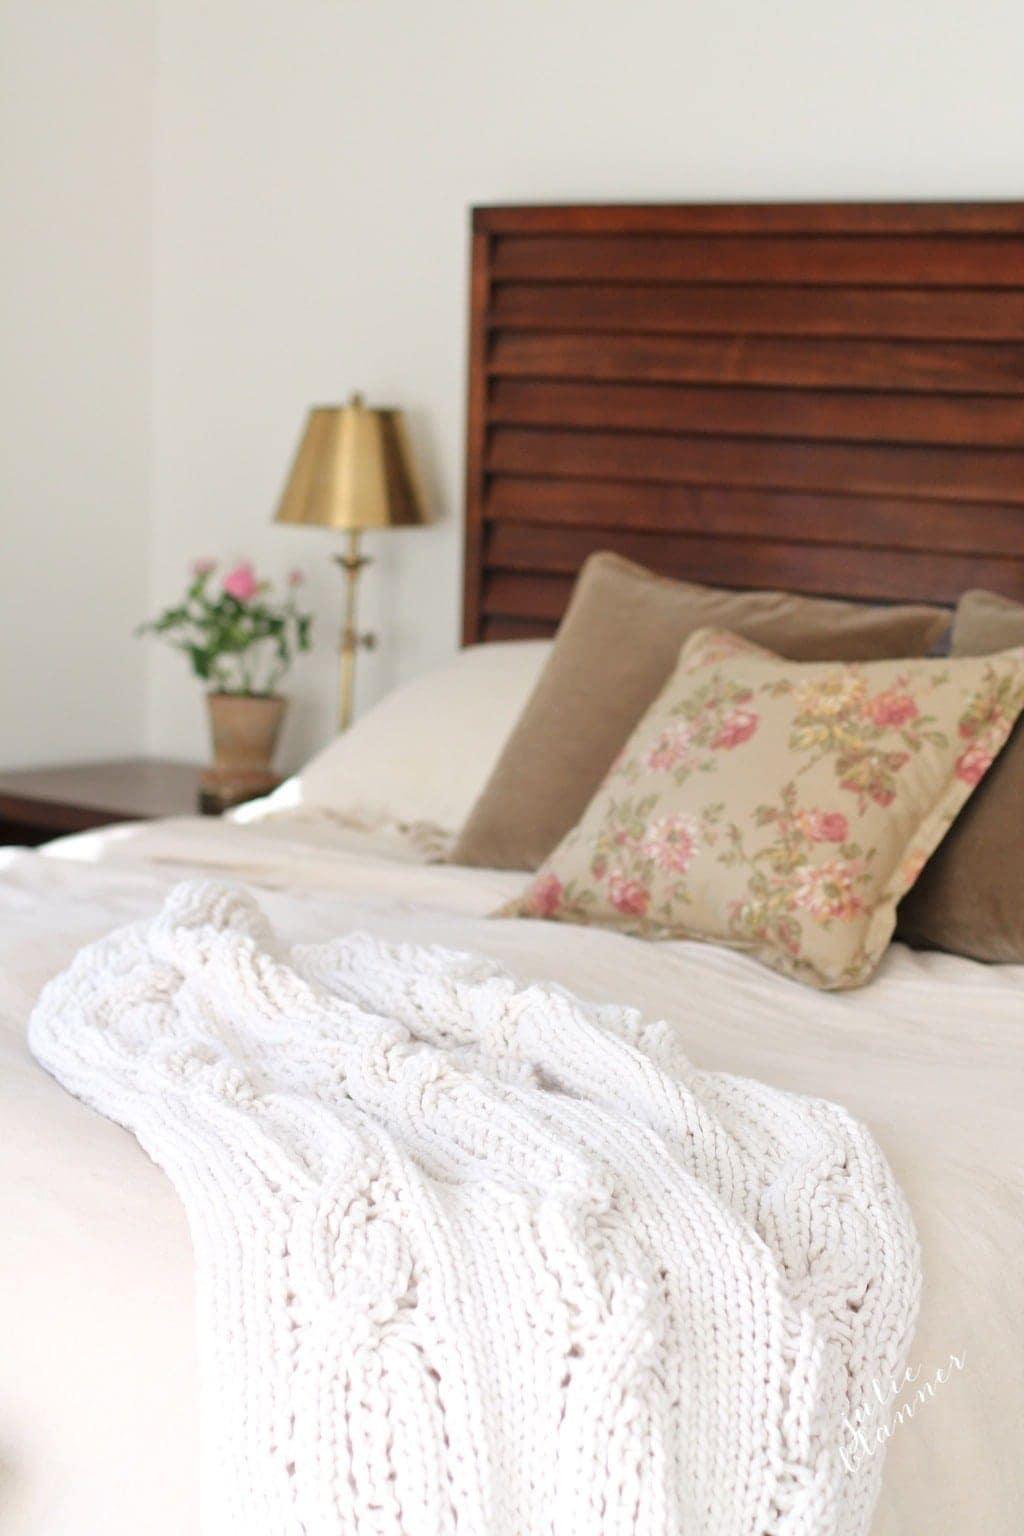 master bedroom vignette - a chunky throw, velvet pillows & linen duvet for lots of texture